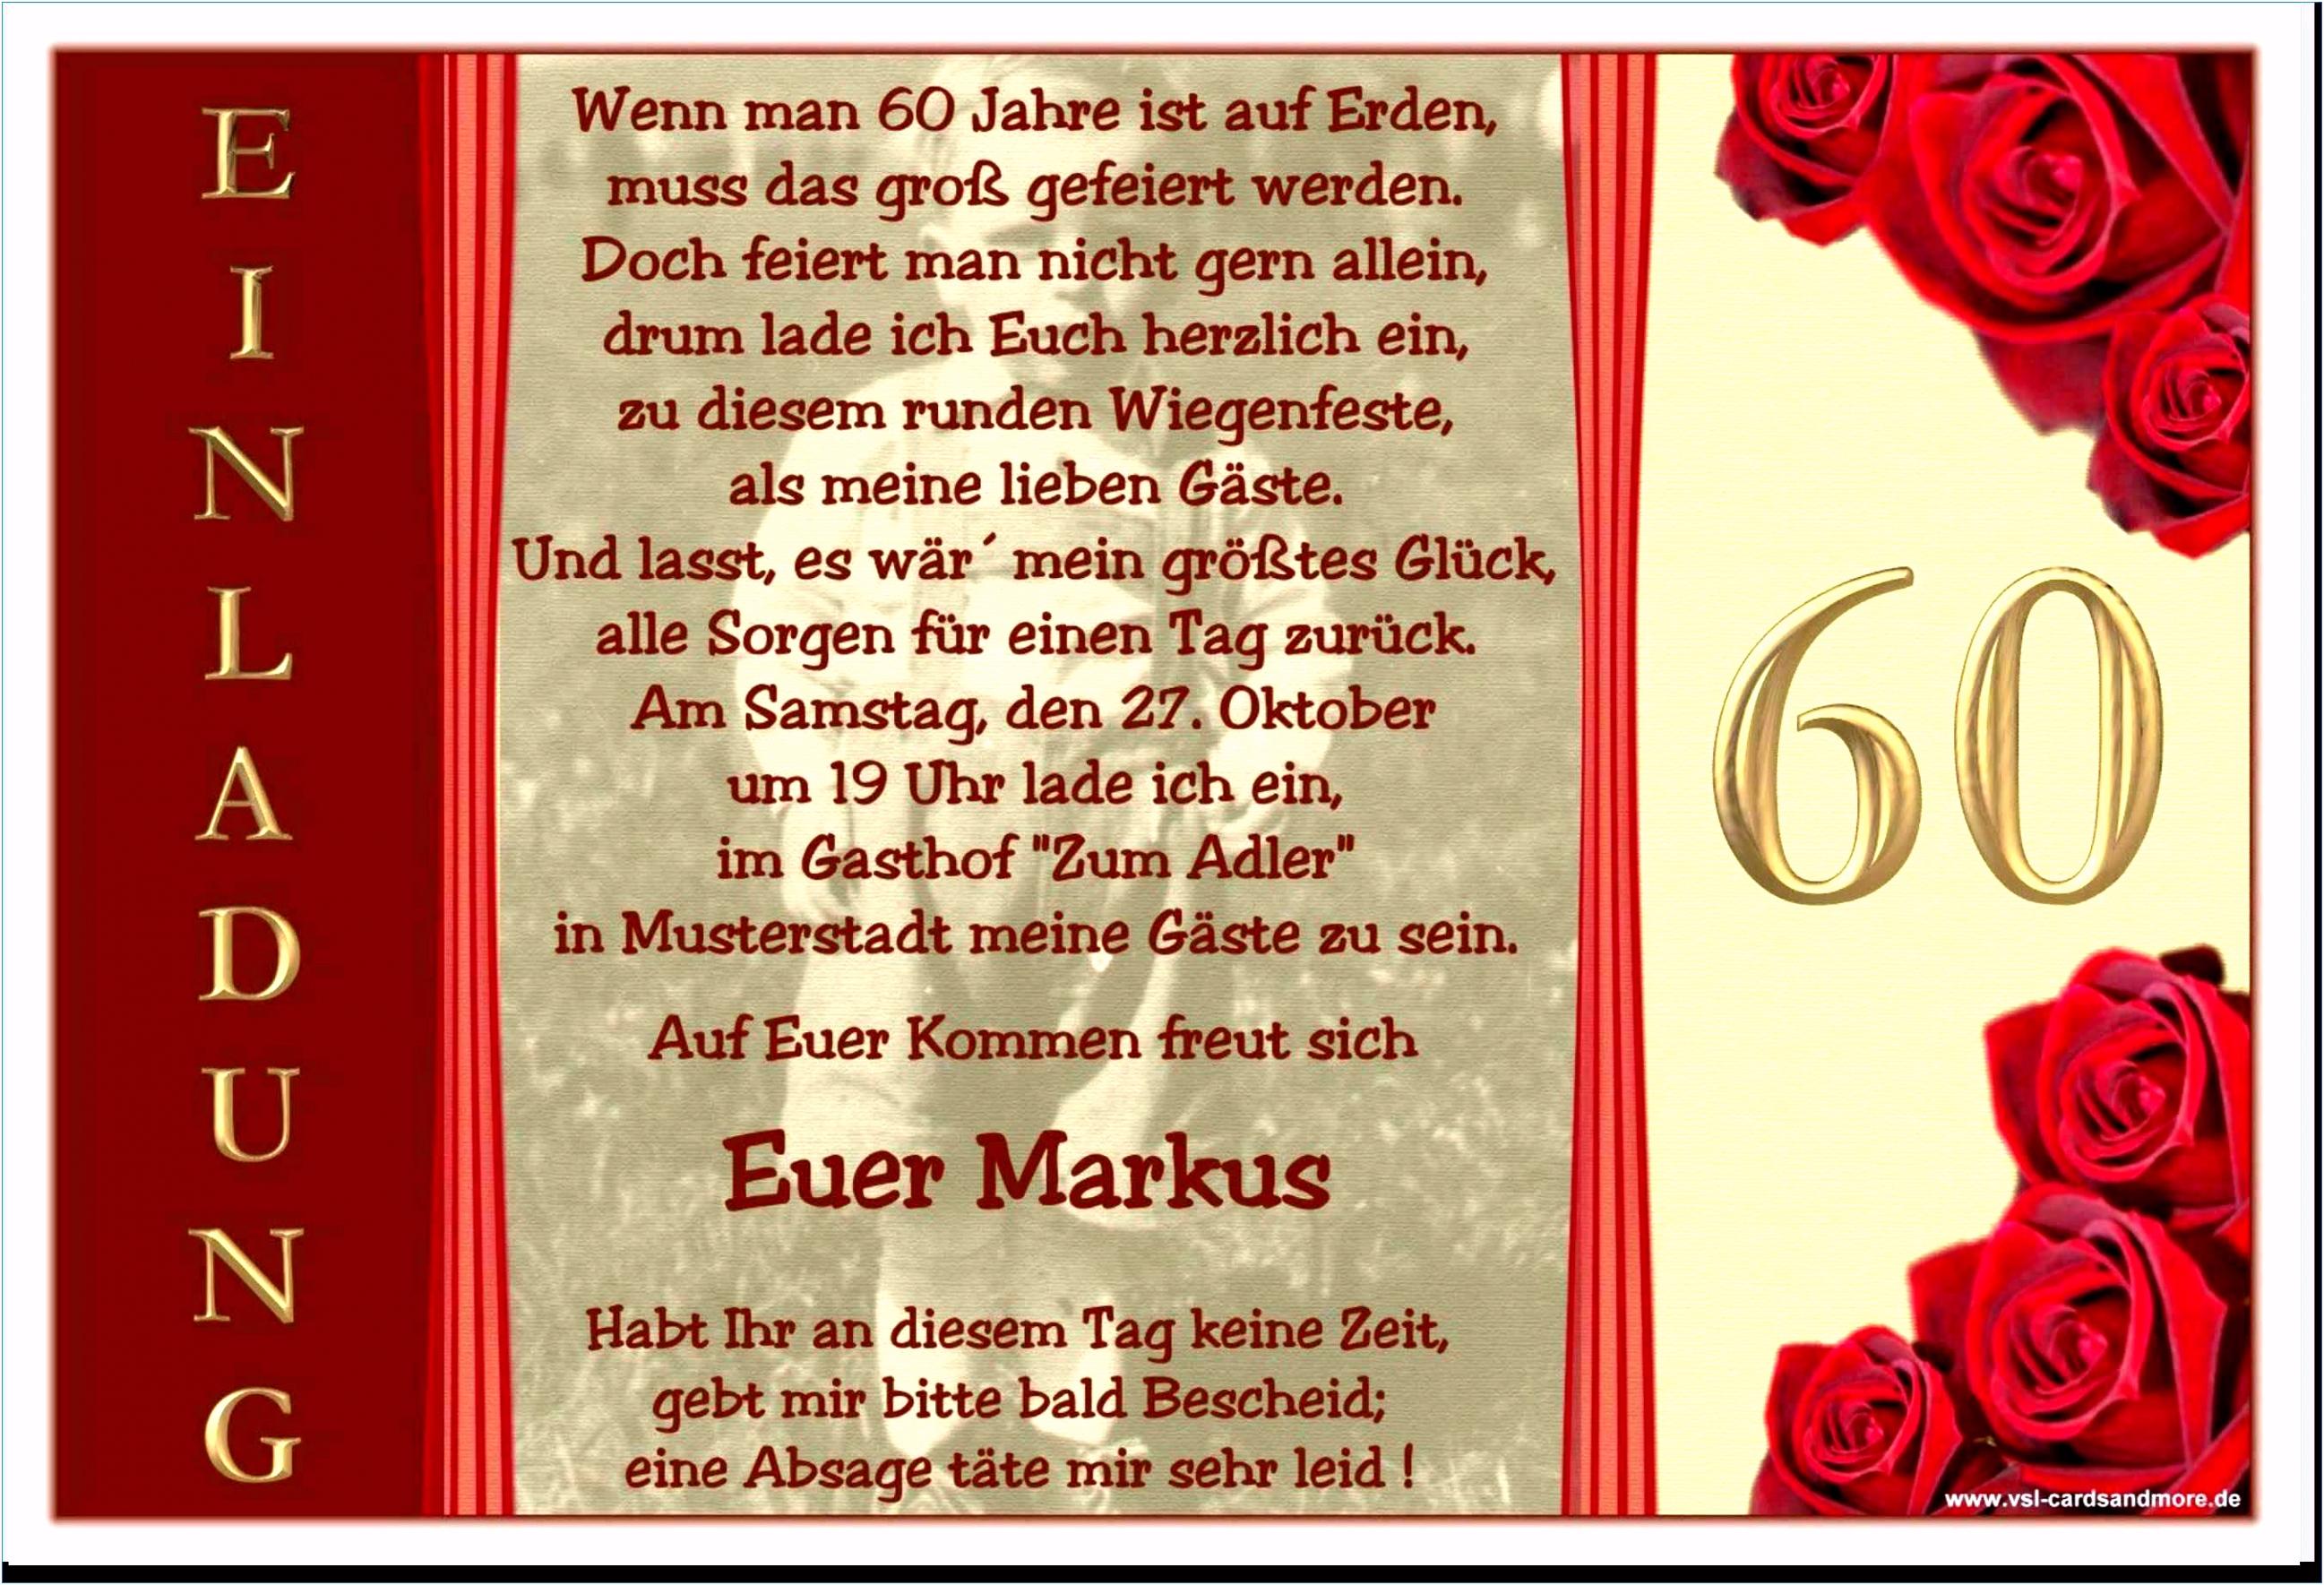 Postkarten Selber Drucken Vorlage Word Save the Date Karten Geburtstag Einladung 80 Geburtstag Vorlage Word I9qb44bso5 Tuuxu6mkdm